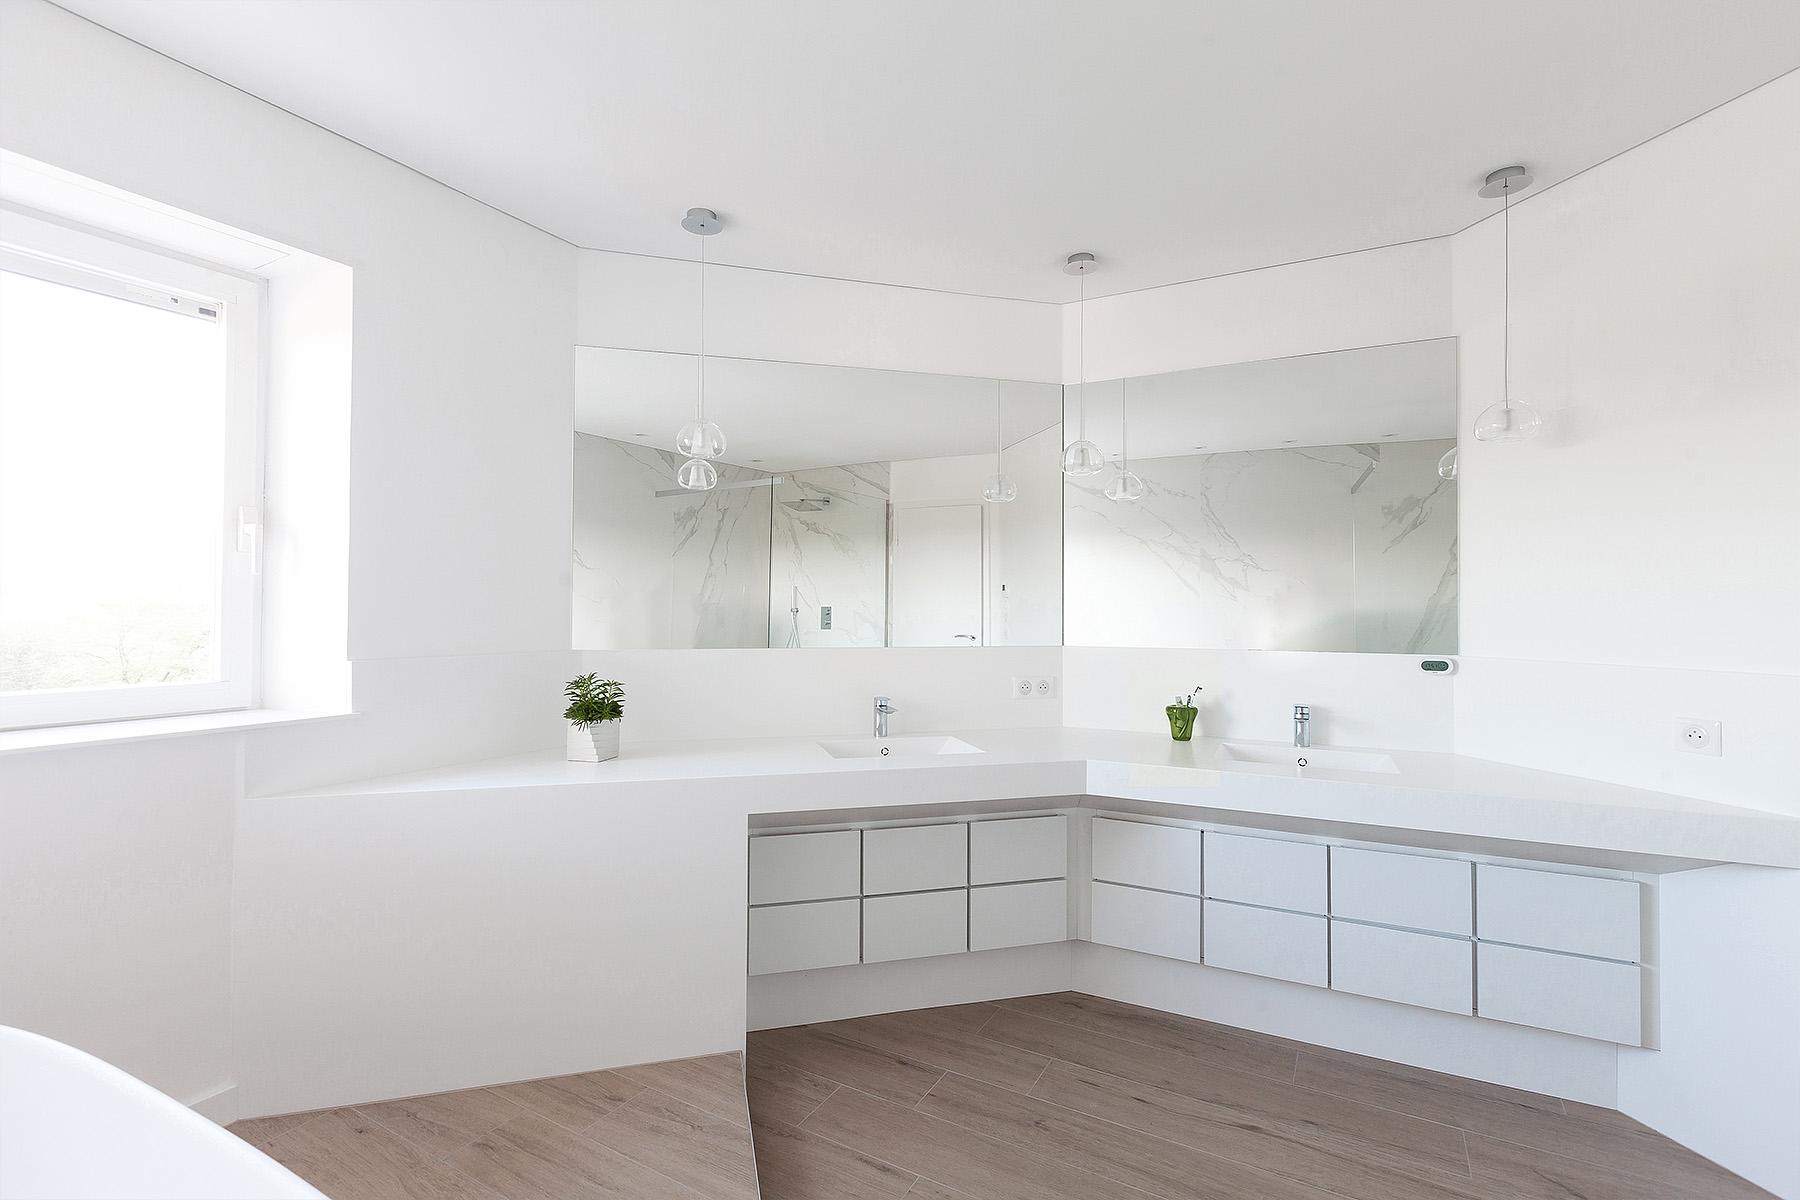 salle de bain design architecture luxe simple david iltis mulhouse paris lyon bordeaux